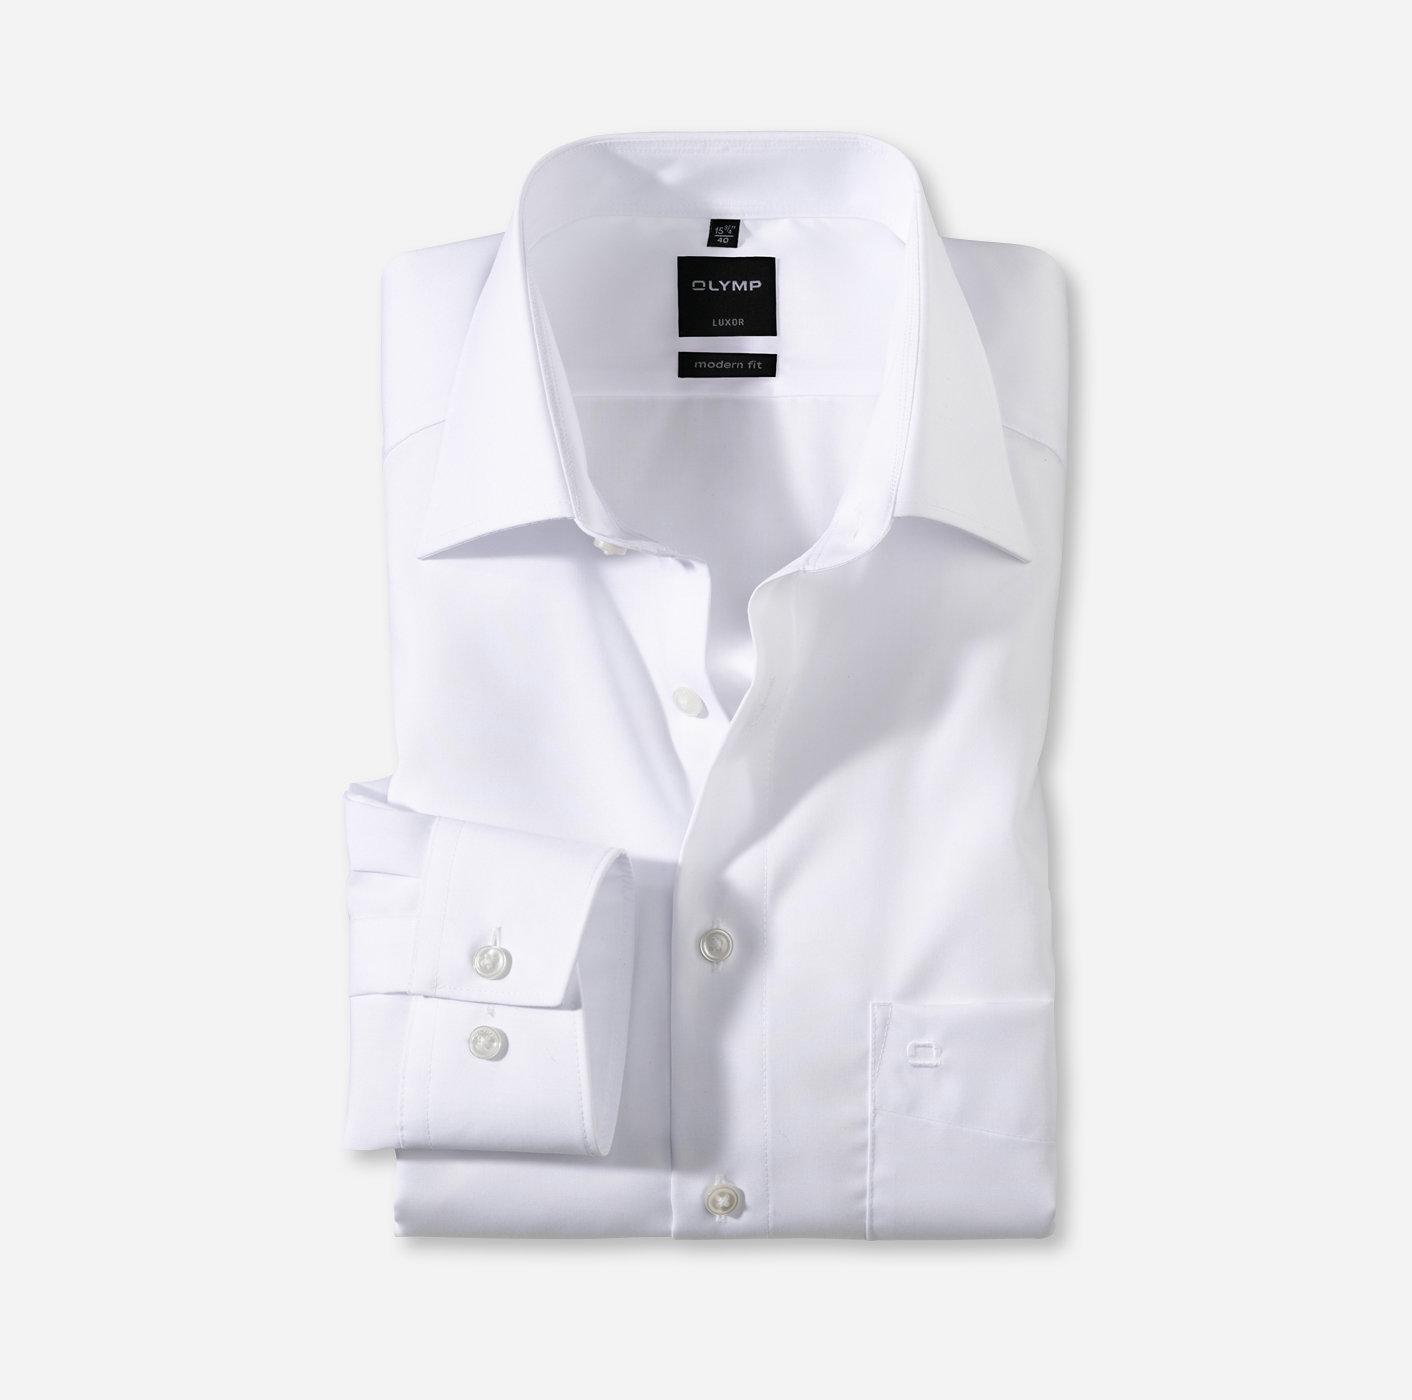 OLYMP Luxor Modern Fit, Businesshemd, 1/1 Ärmel, New Kent, Weiß